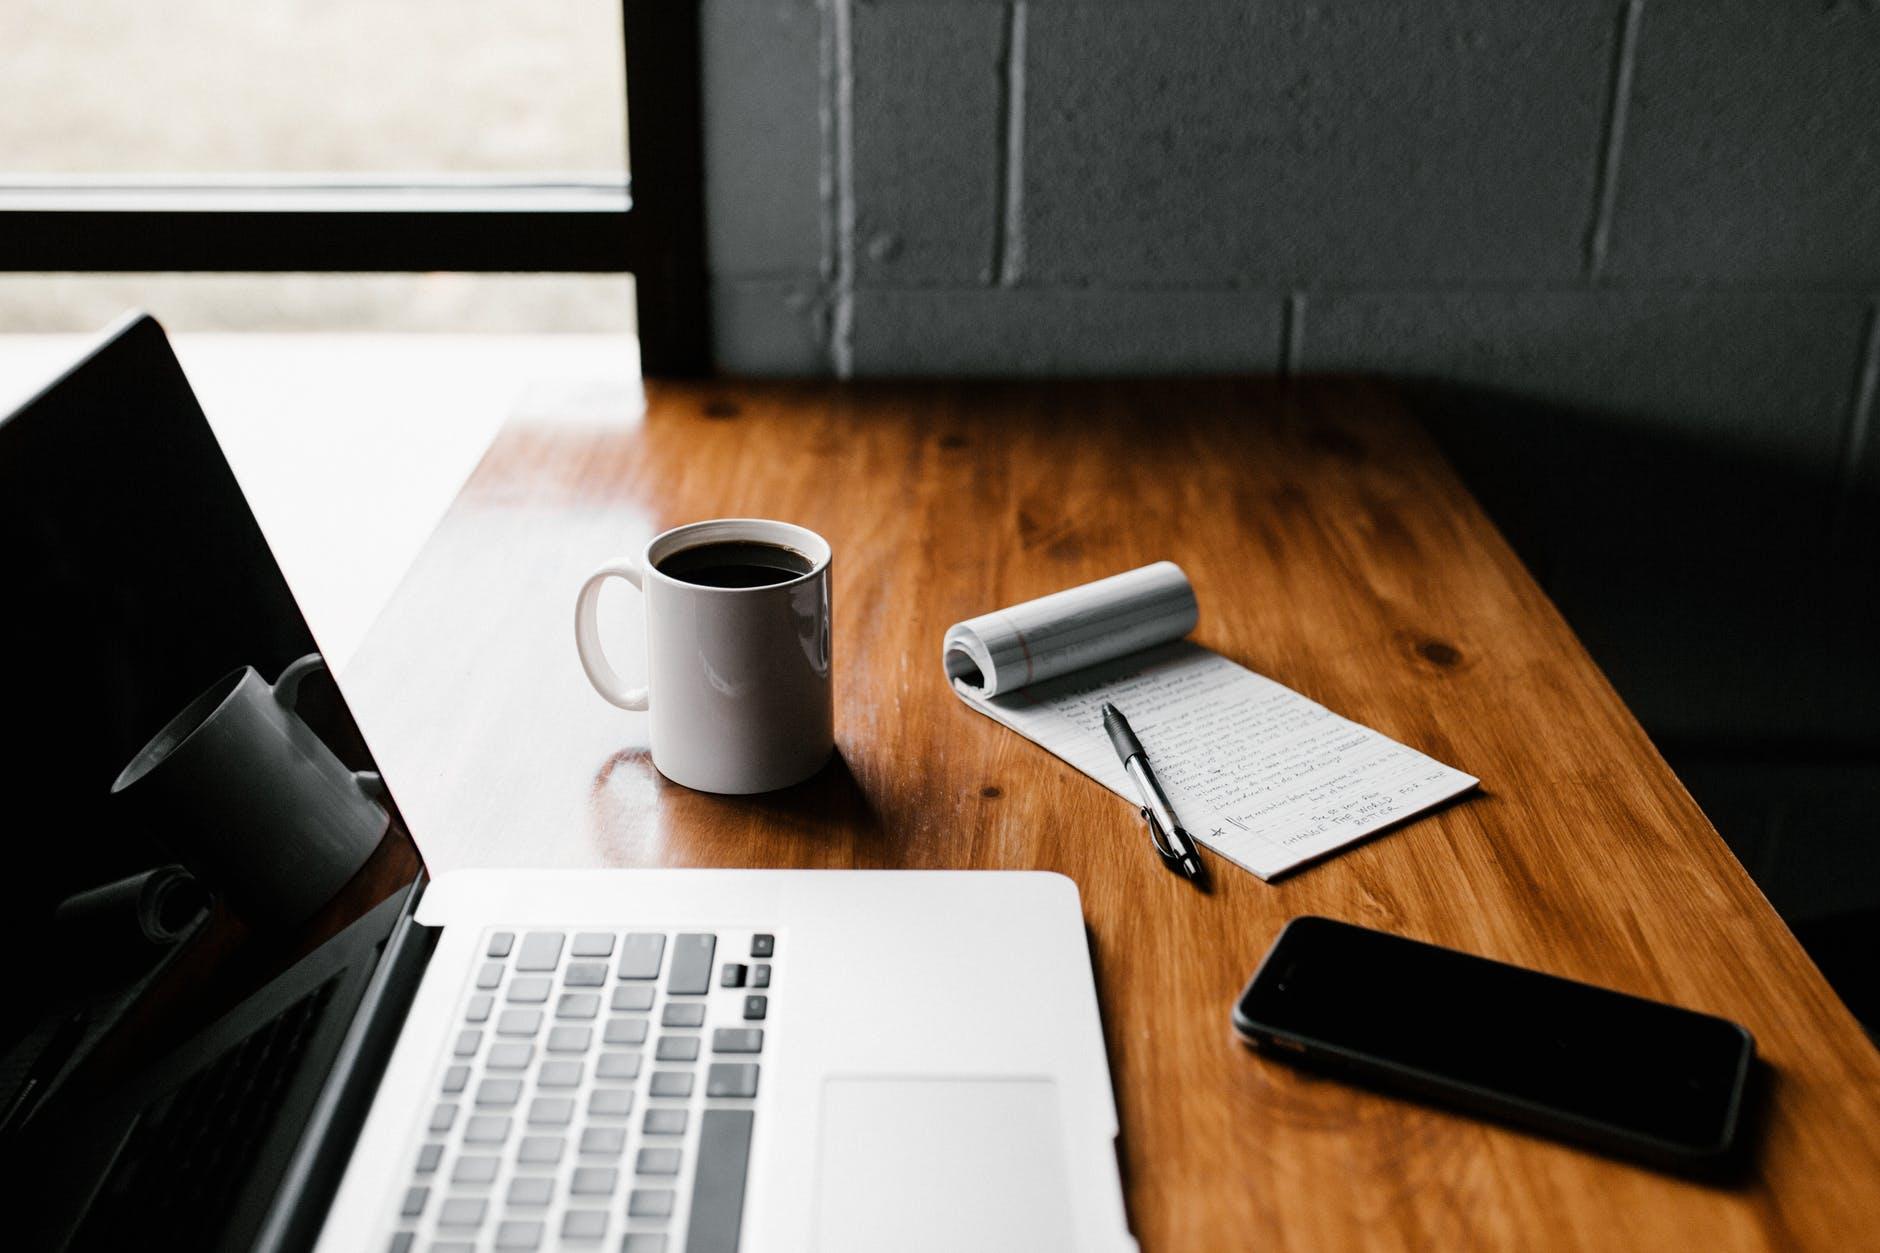 macbook pro em mesa de madeira marrom, email marketing Mailchimp